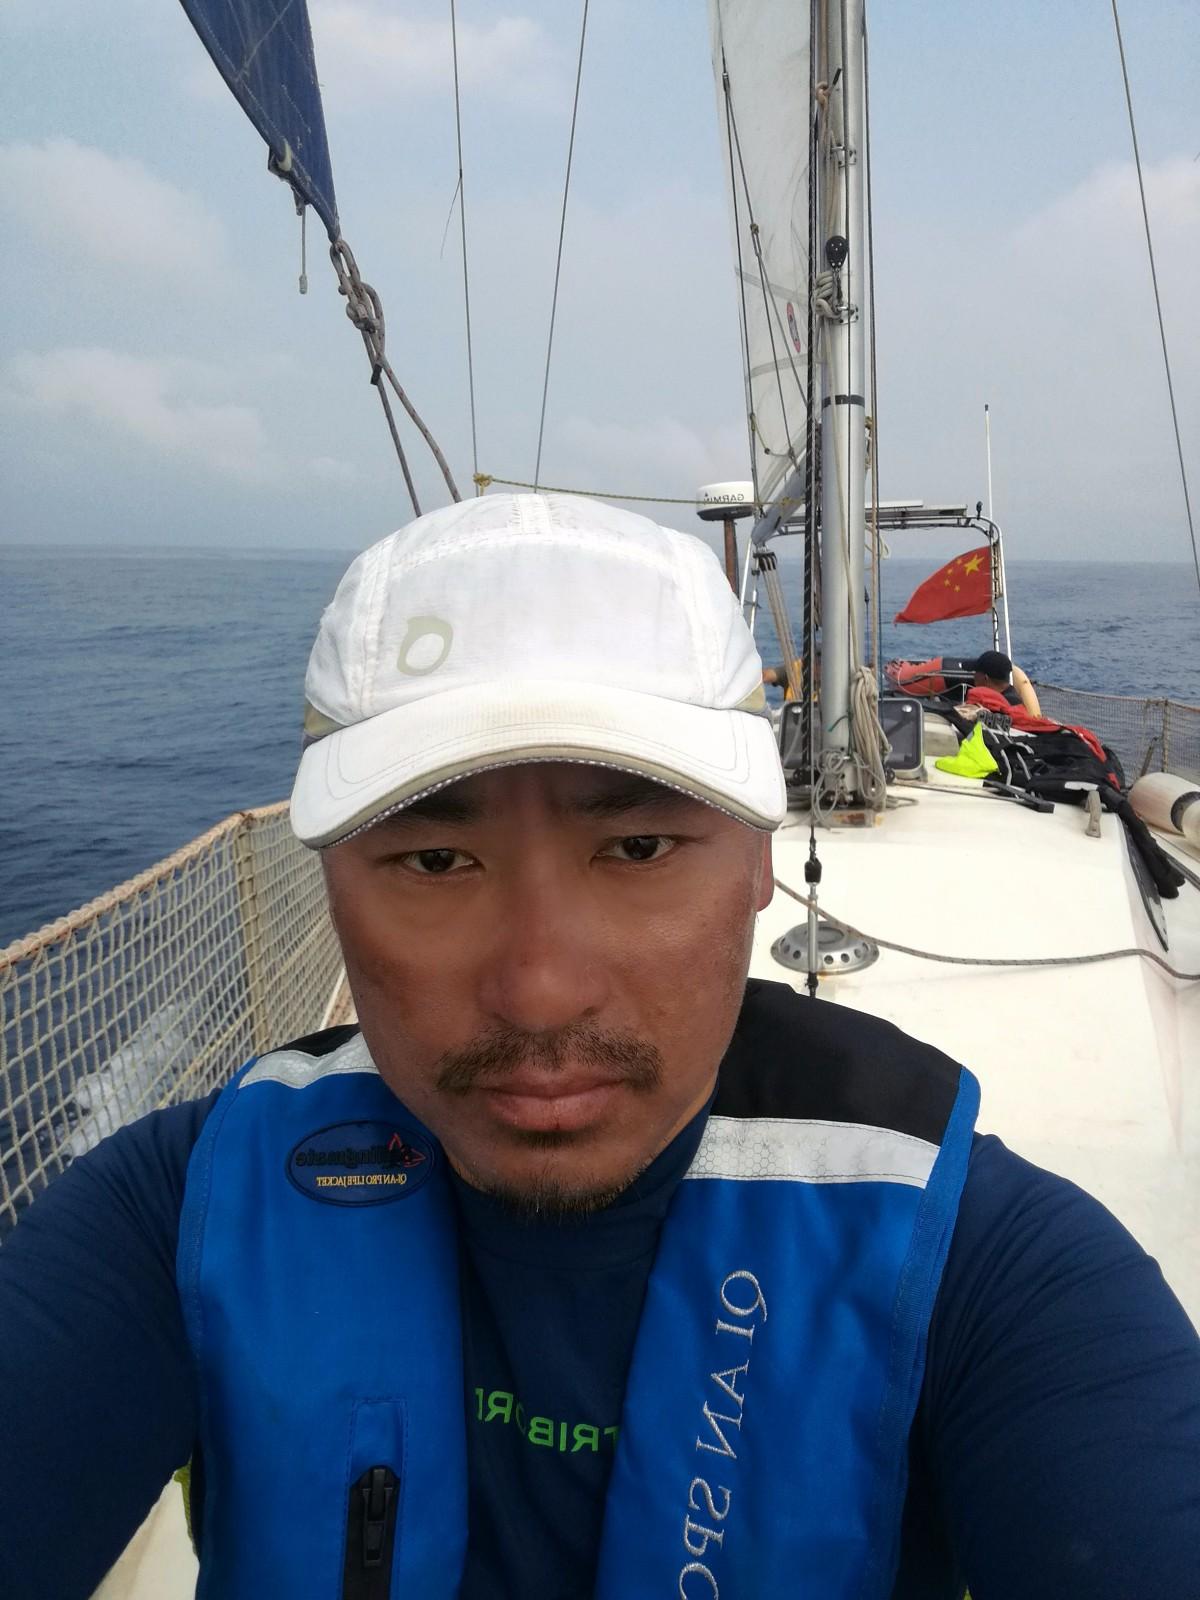 船长,唐山,这里,老刘,大哥 长风破浪会有时,直挂云帆济沧海——唐山号返航记(上篇)  161442h0p92zxt